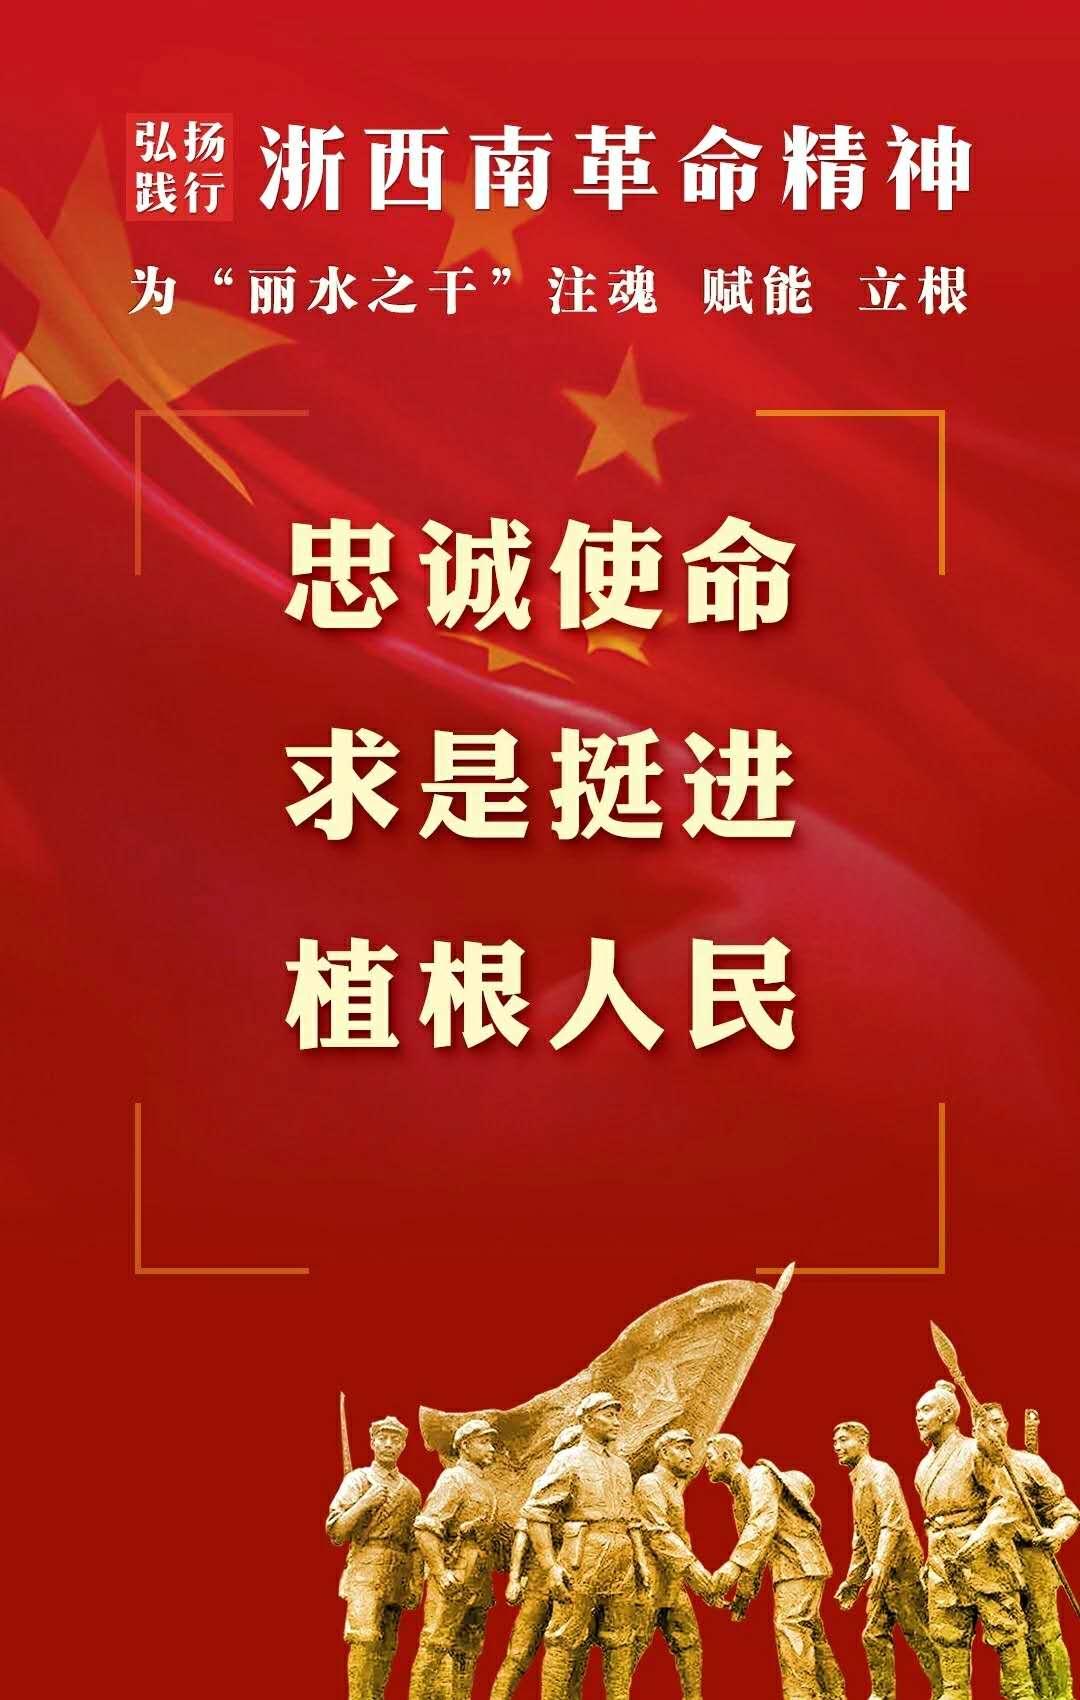 浙西南革命精神